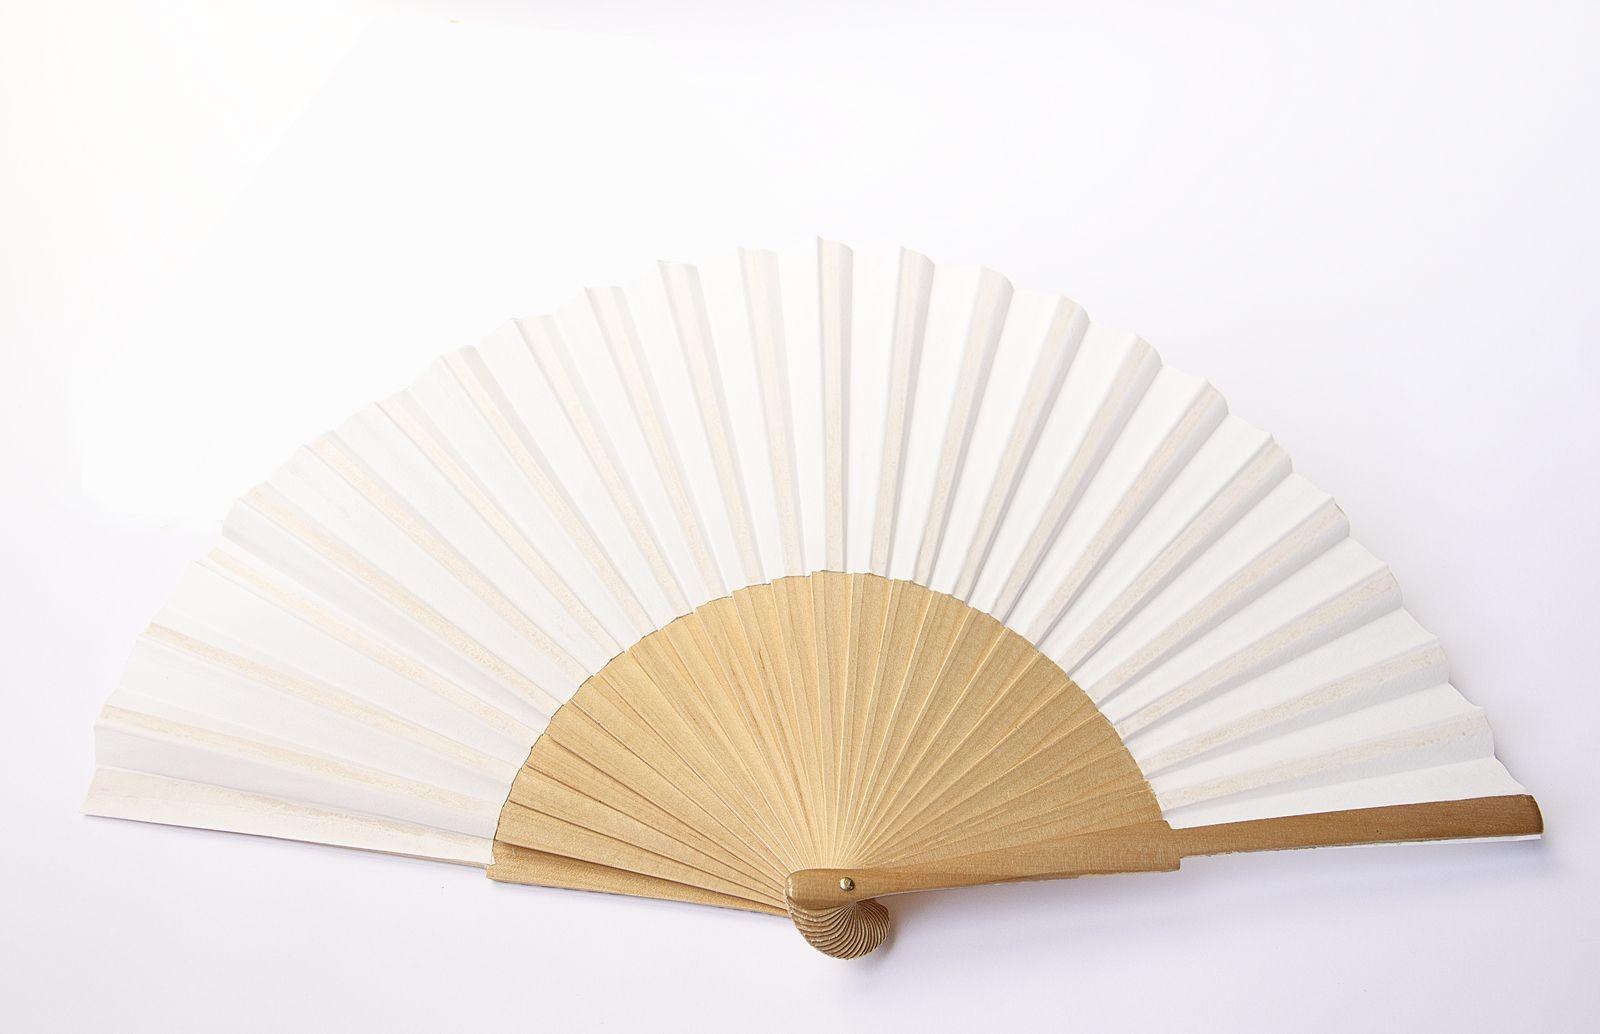 Eventail de soie en habotai 10 blanc et monture de bois de sycomore de 22cm de haut et 42cm de large.Monté en Espagne